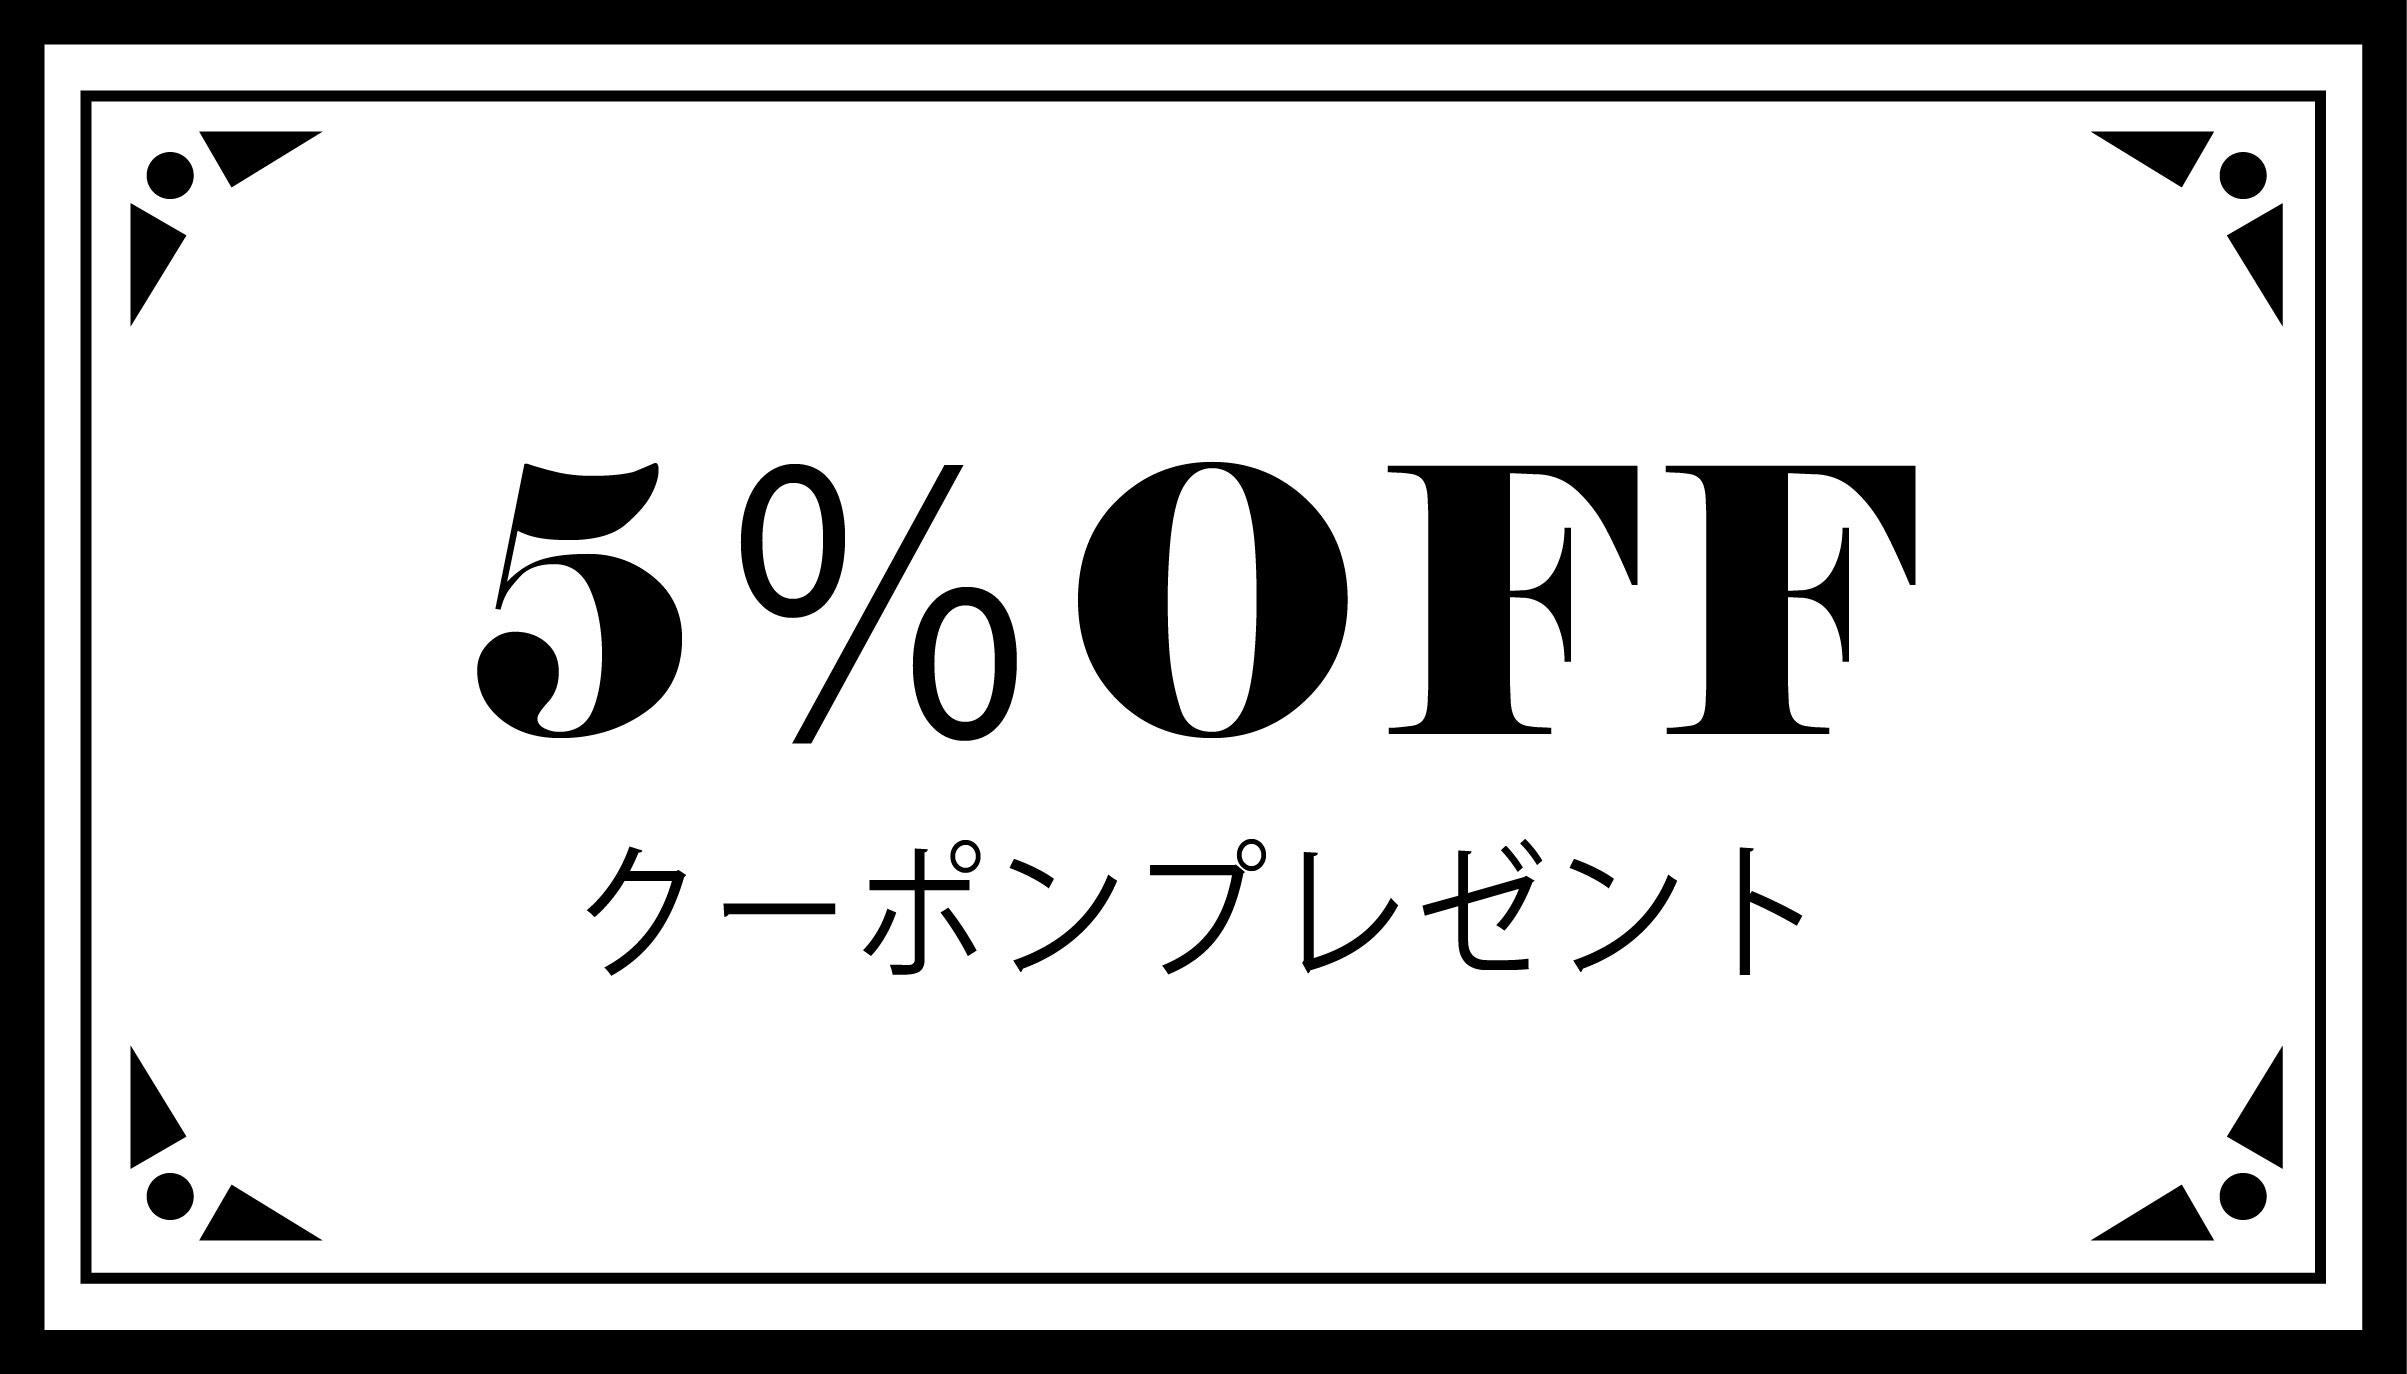 アプリ以外にも使用可能!! 10/15~17日に利用できる5%OFF ショッピングクーポンプレゼント